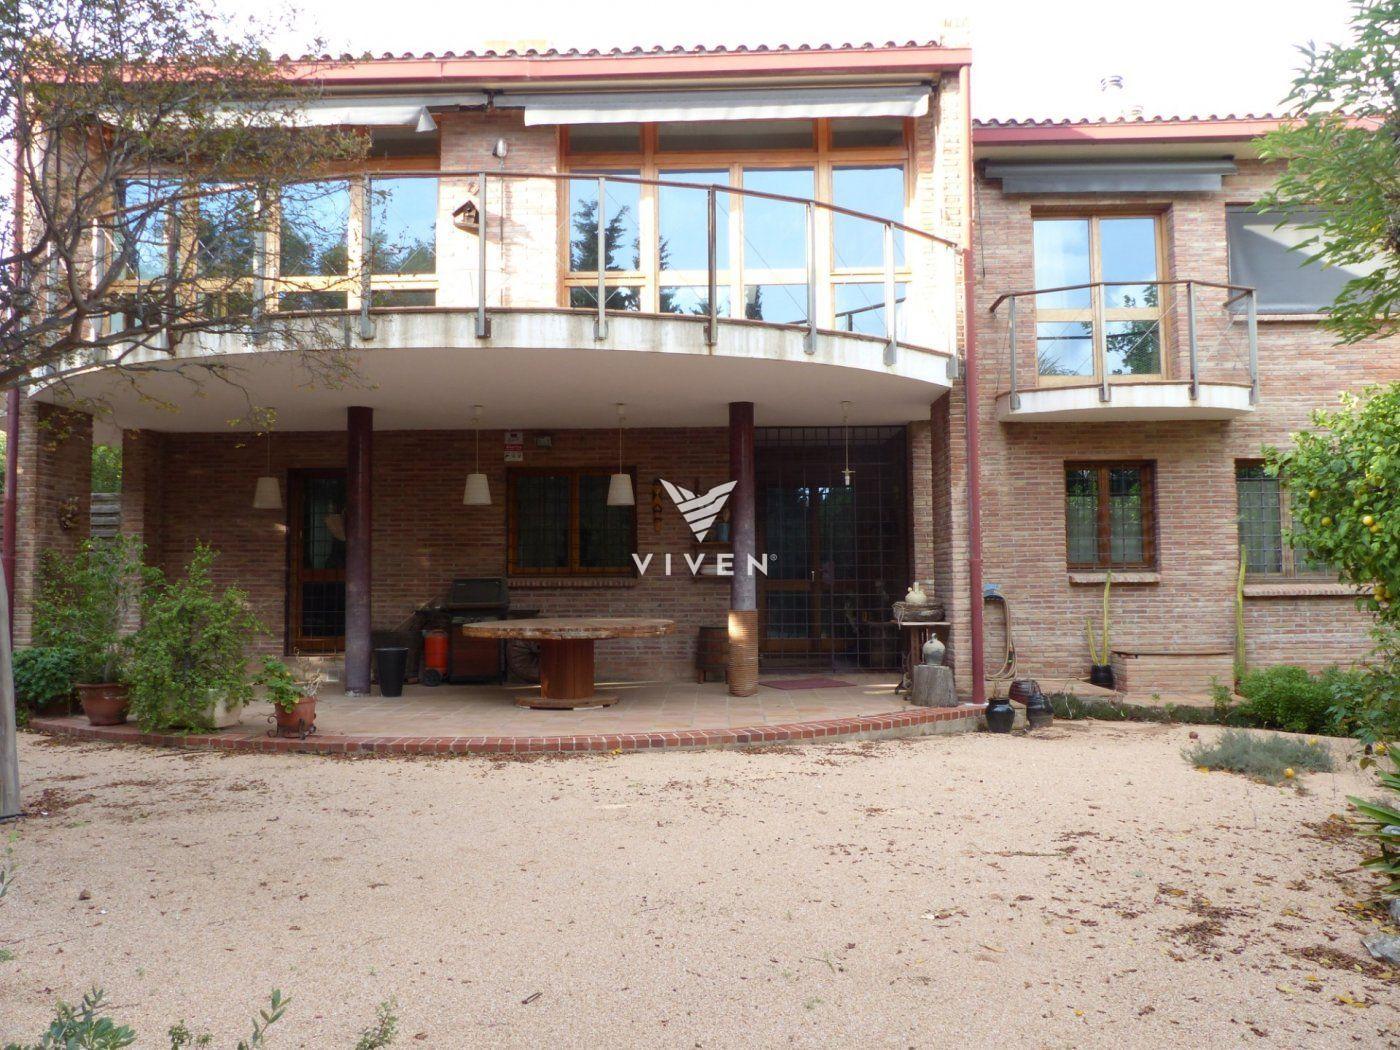 House for sale in L'Aragai, Vilanova i la Geltru